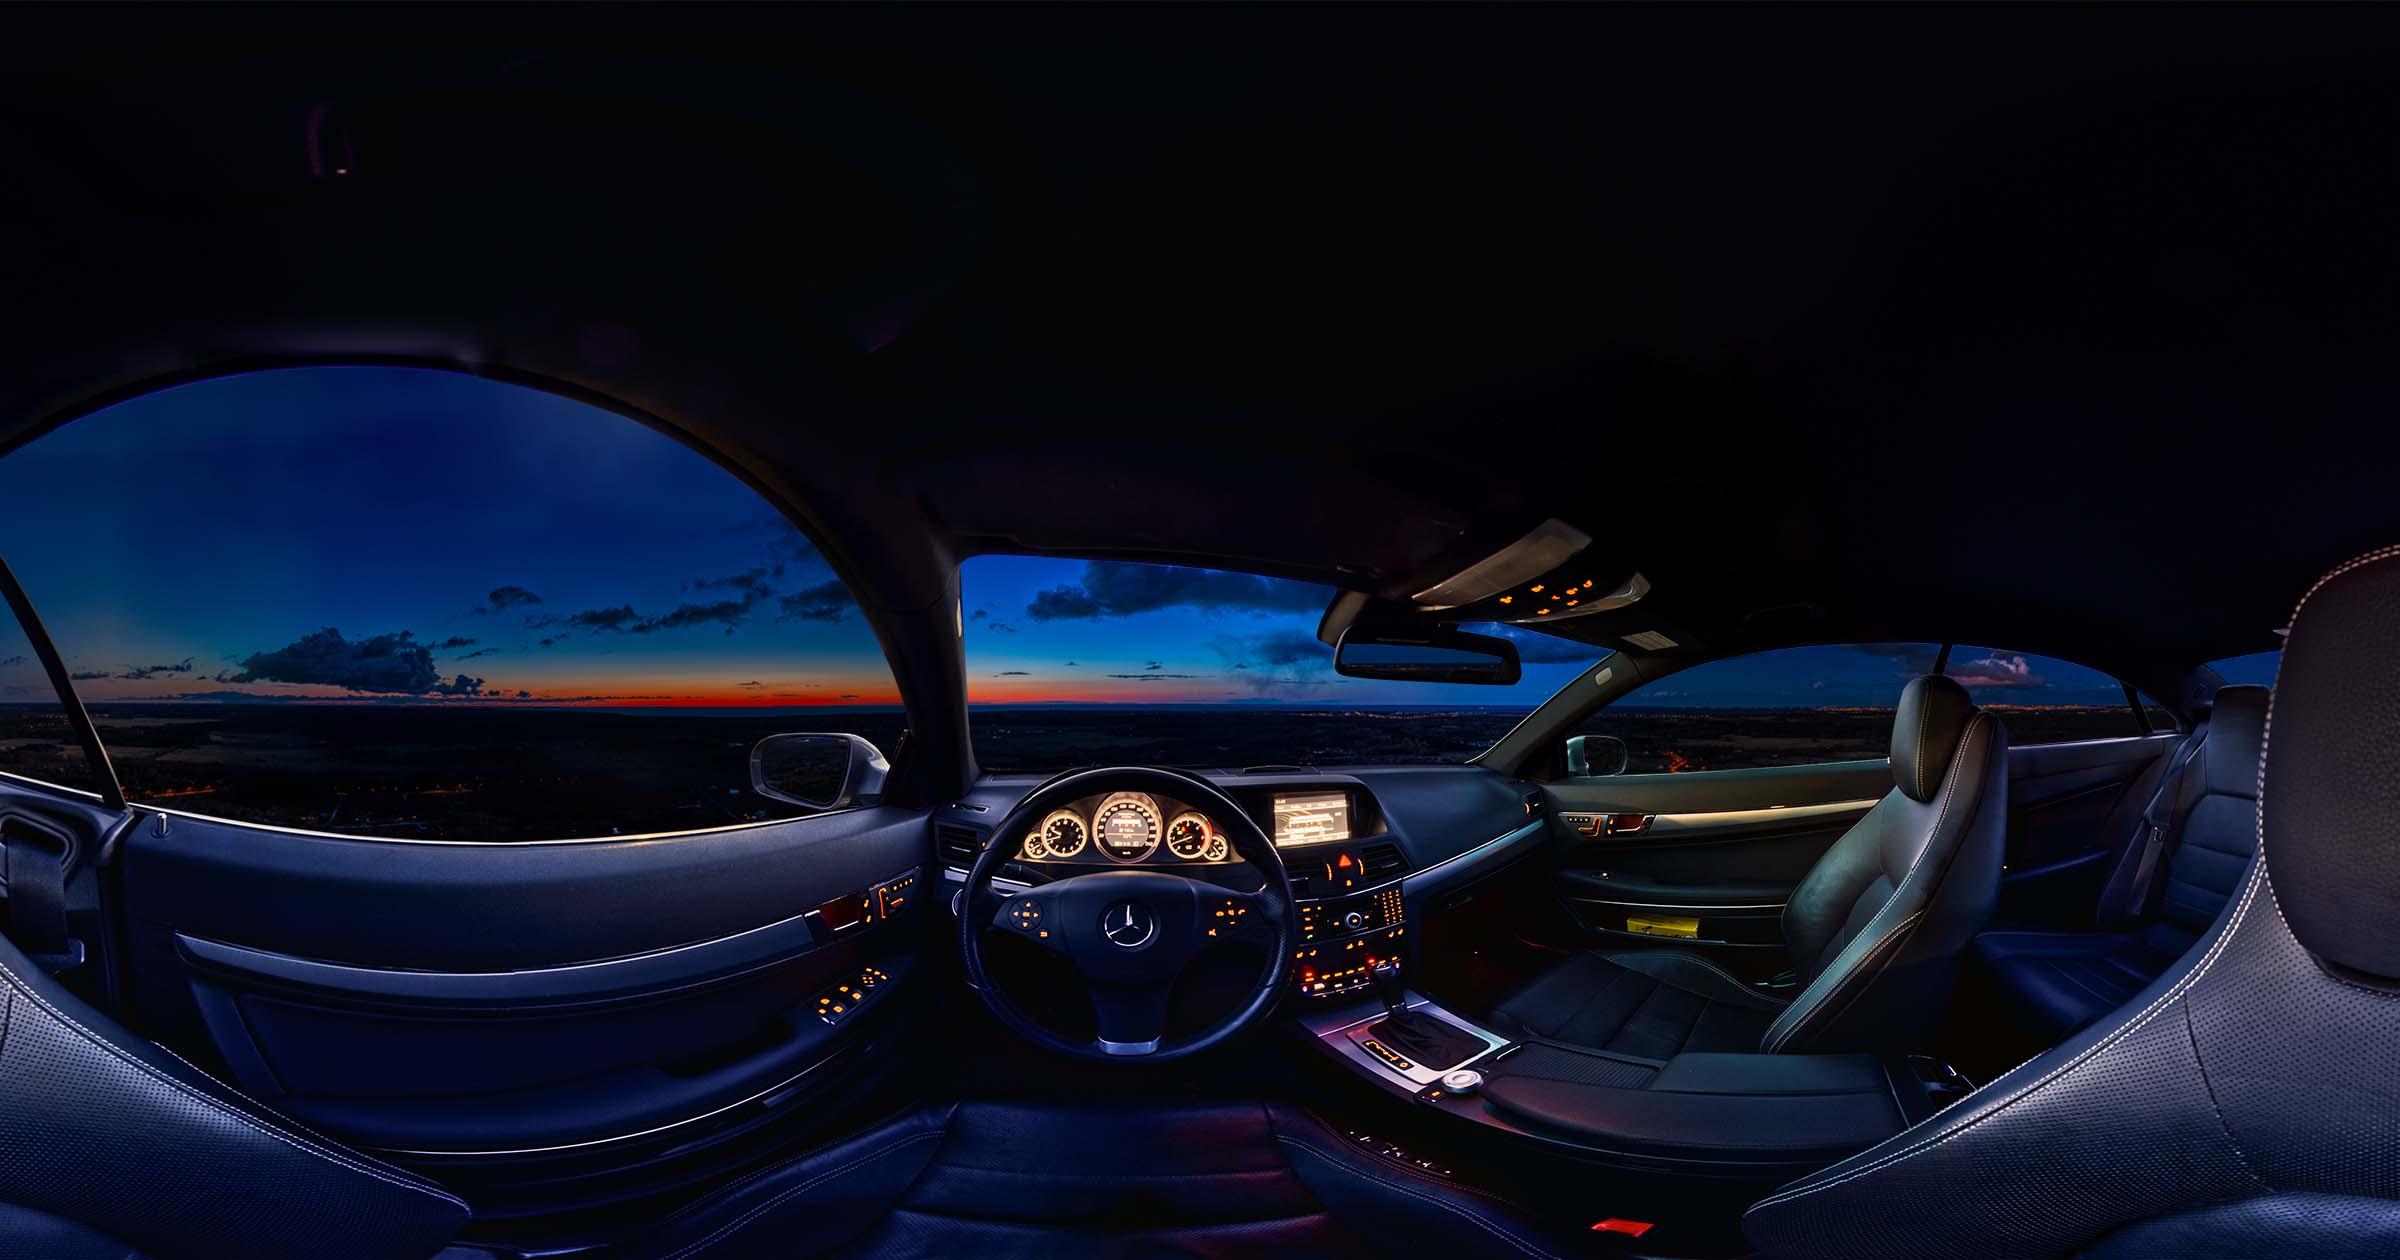 Auto 360 virtuaaltuur